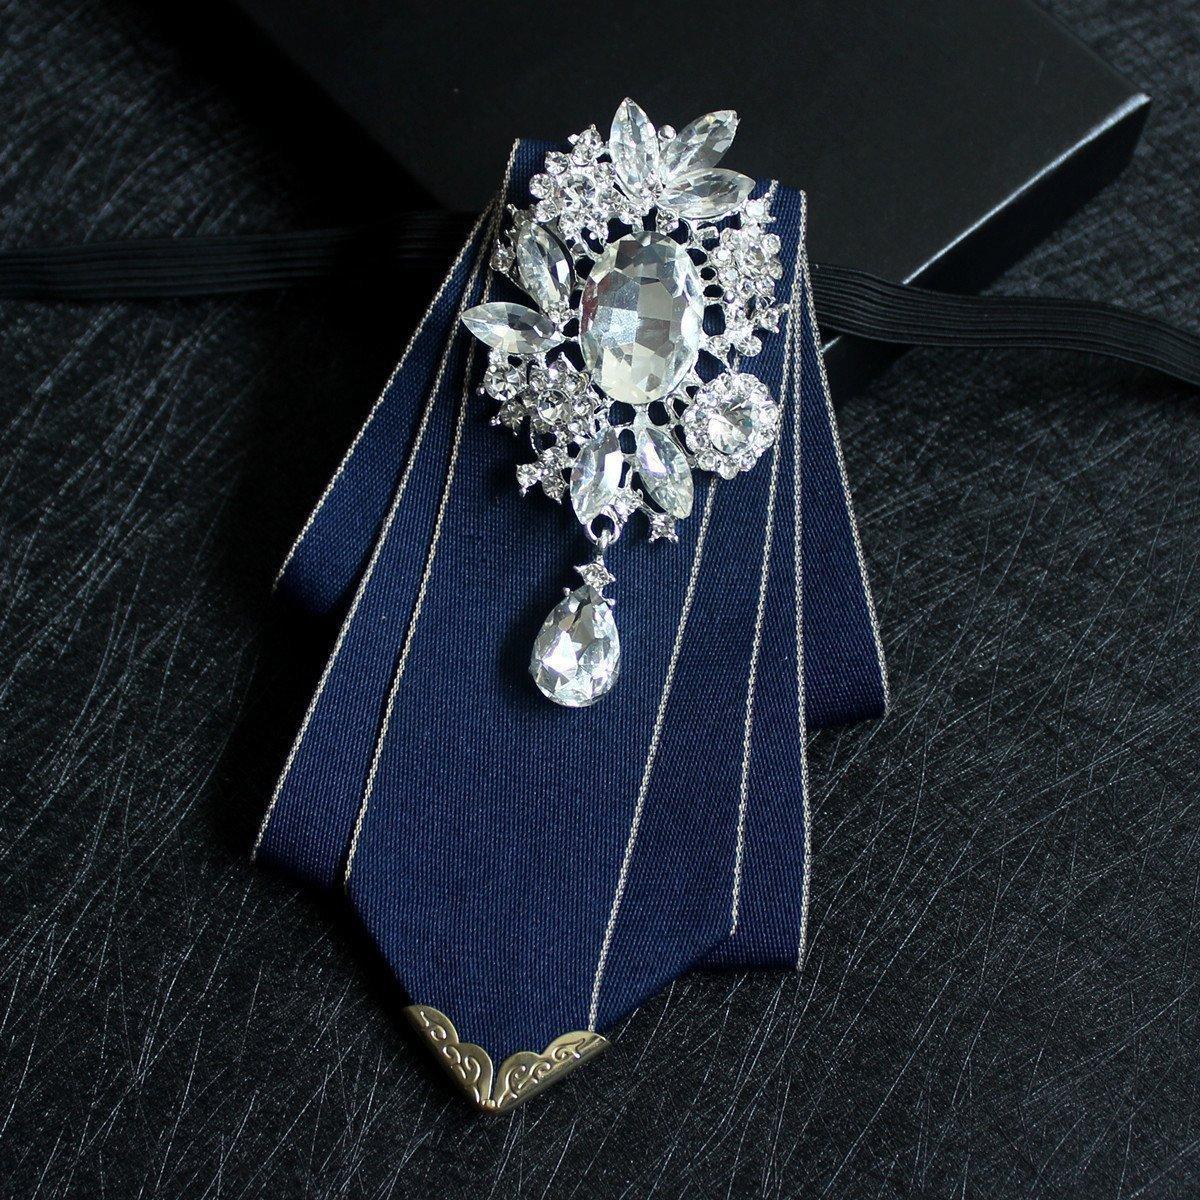 Embalaje de la caja como corbata de lazo del regalo Collar con el cuadrado del diamante artificial / del bolsillo para la fiesta del novio / del padrino de boda Tamaño de la etapa de funcionamiento: los 15 * 10cm